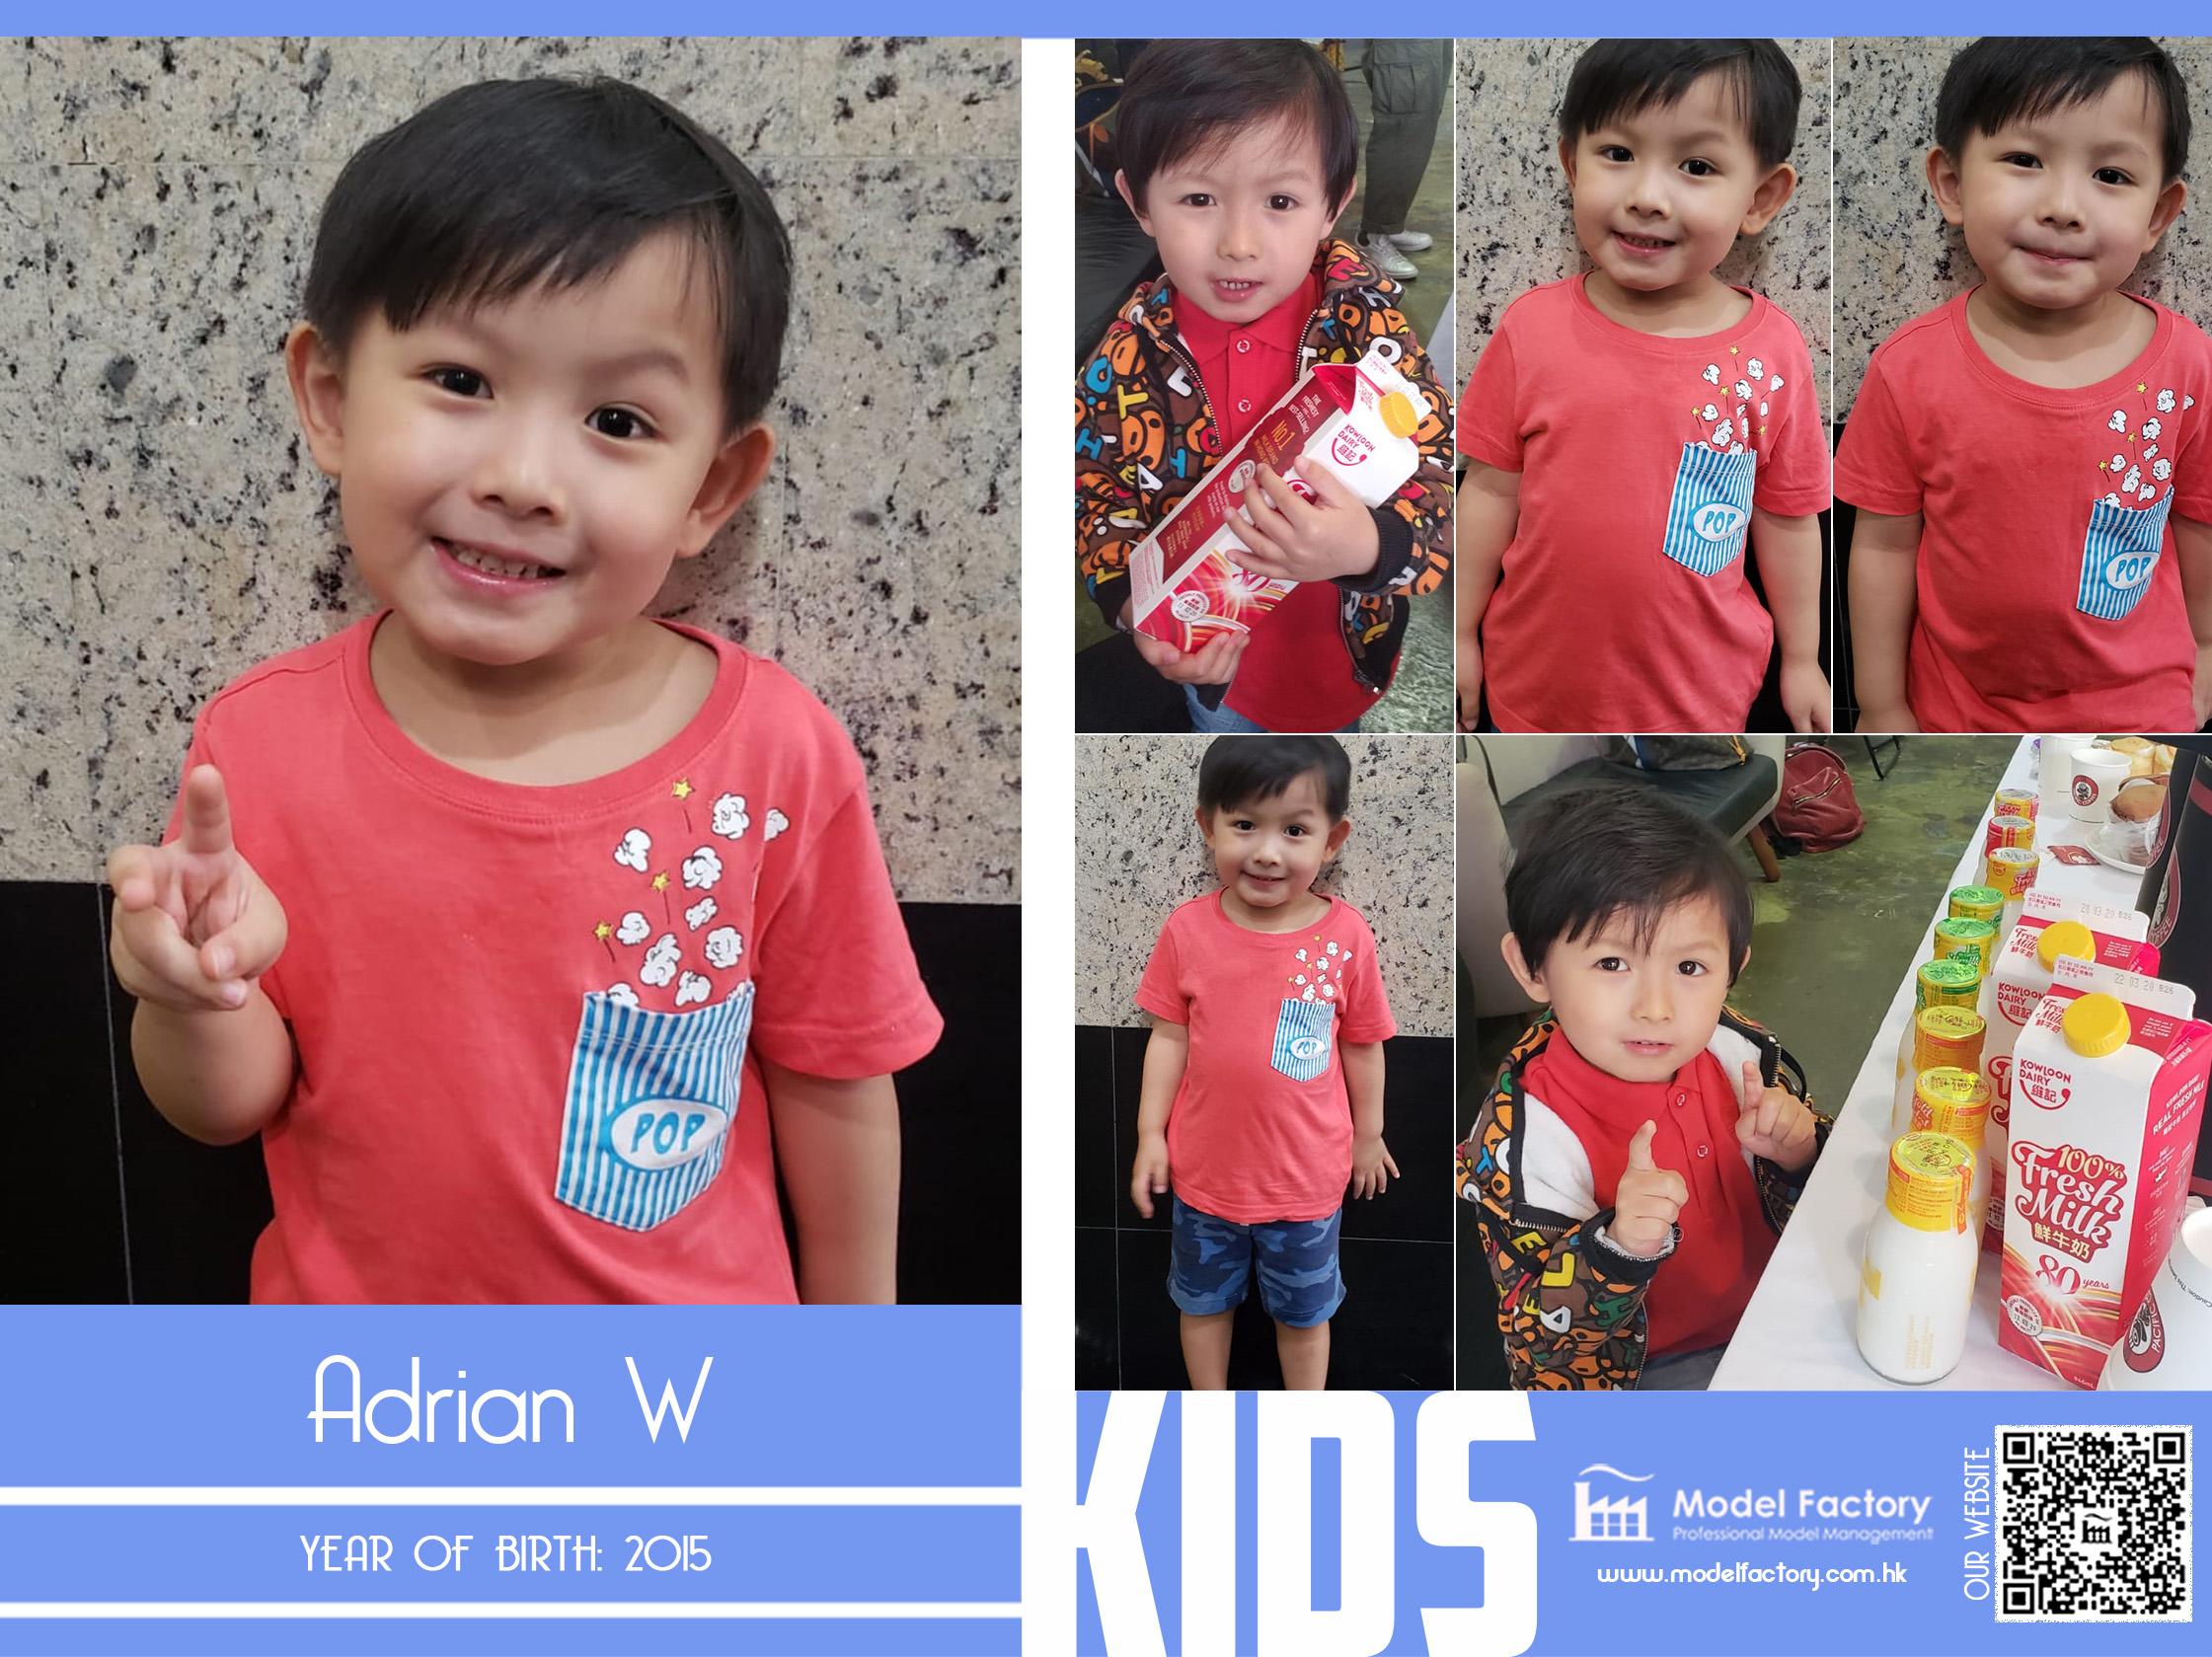 Model Factory Local Kids Model Adrian W